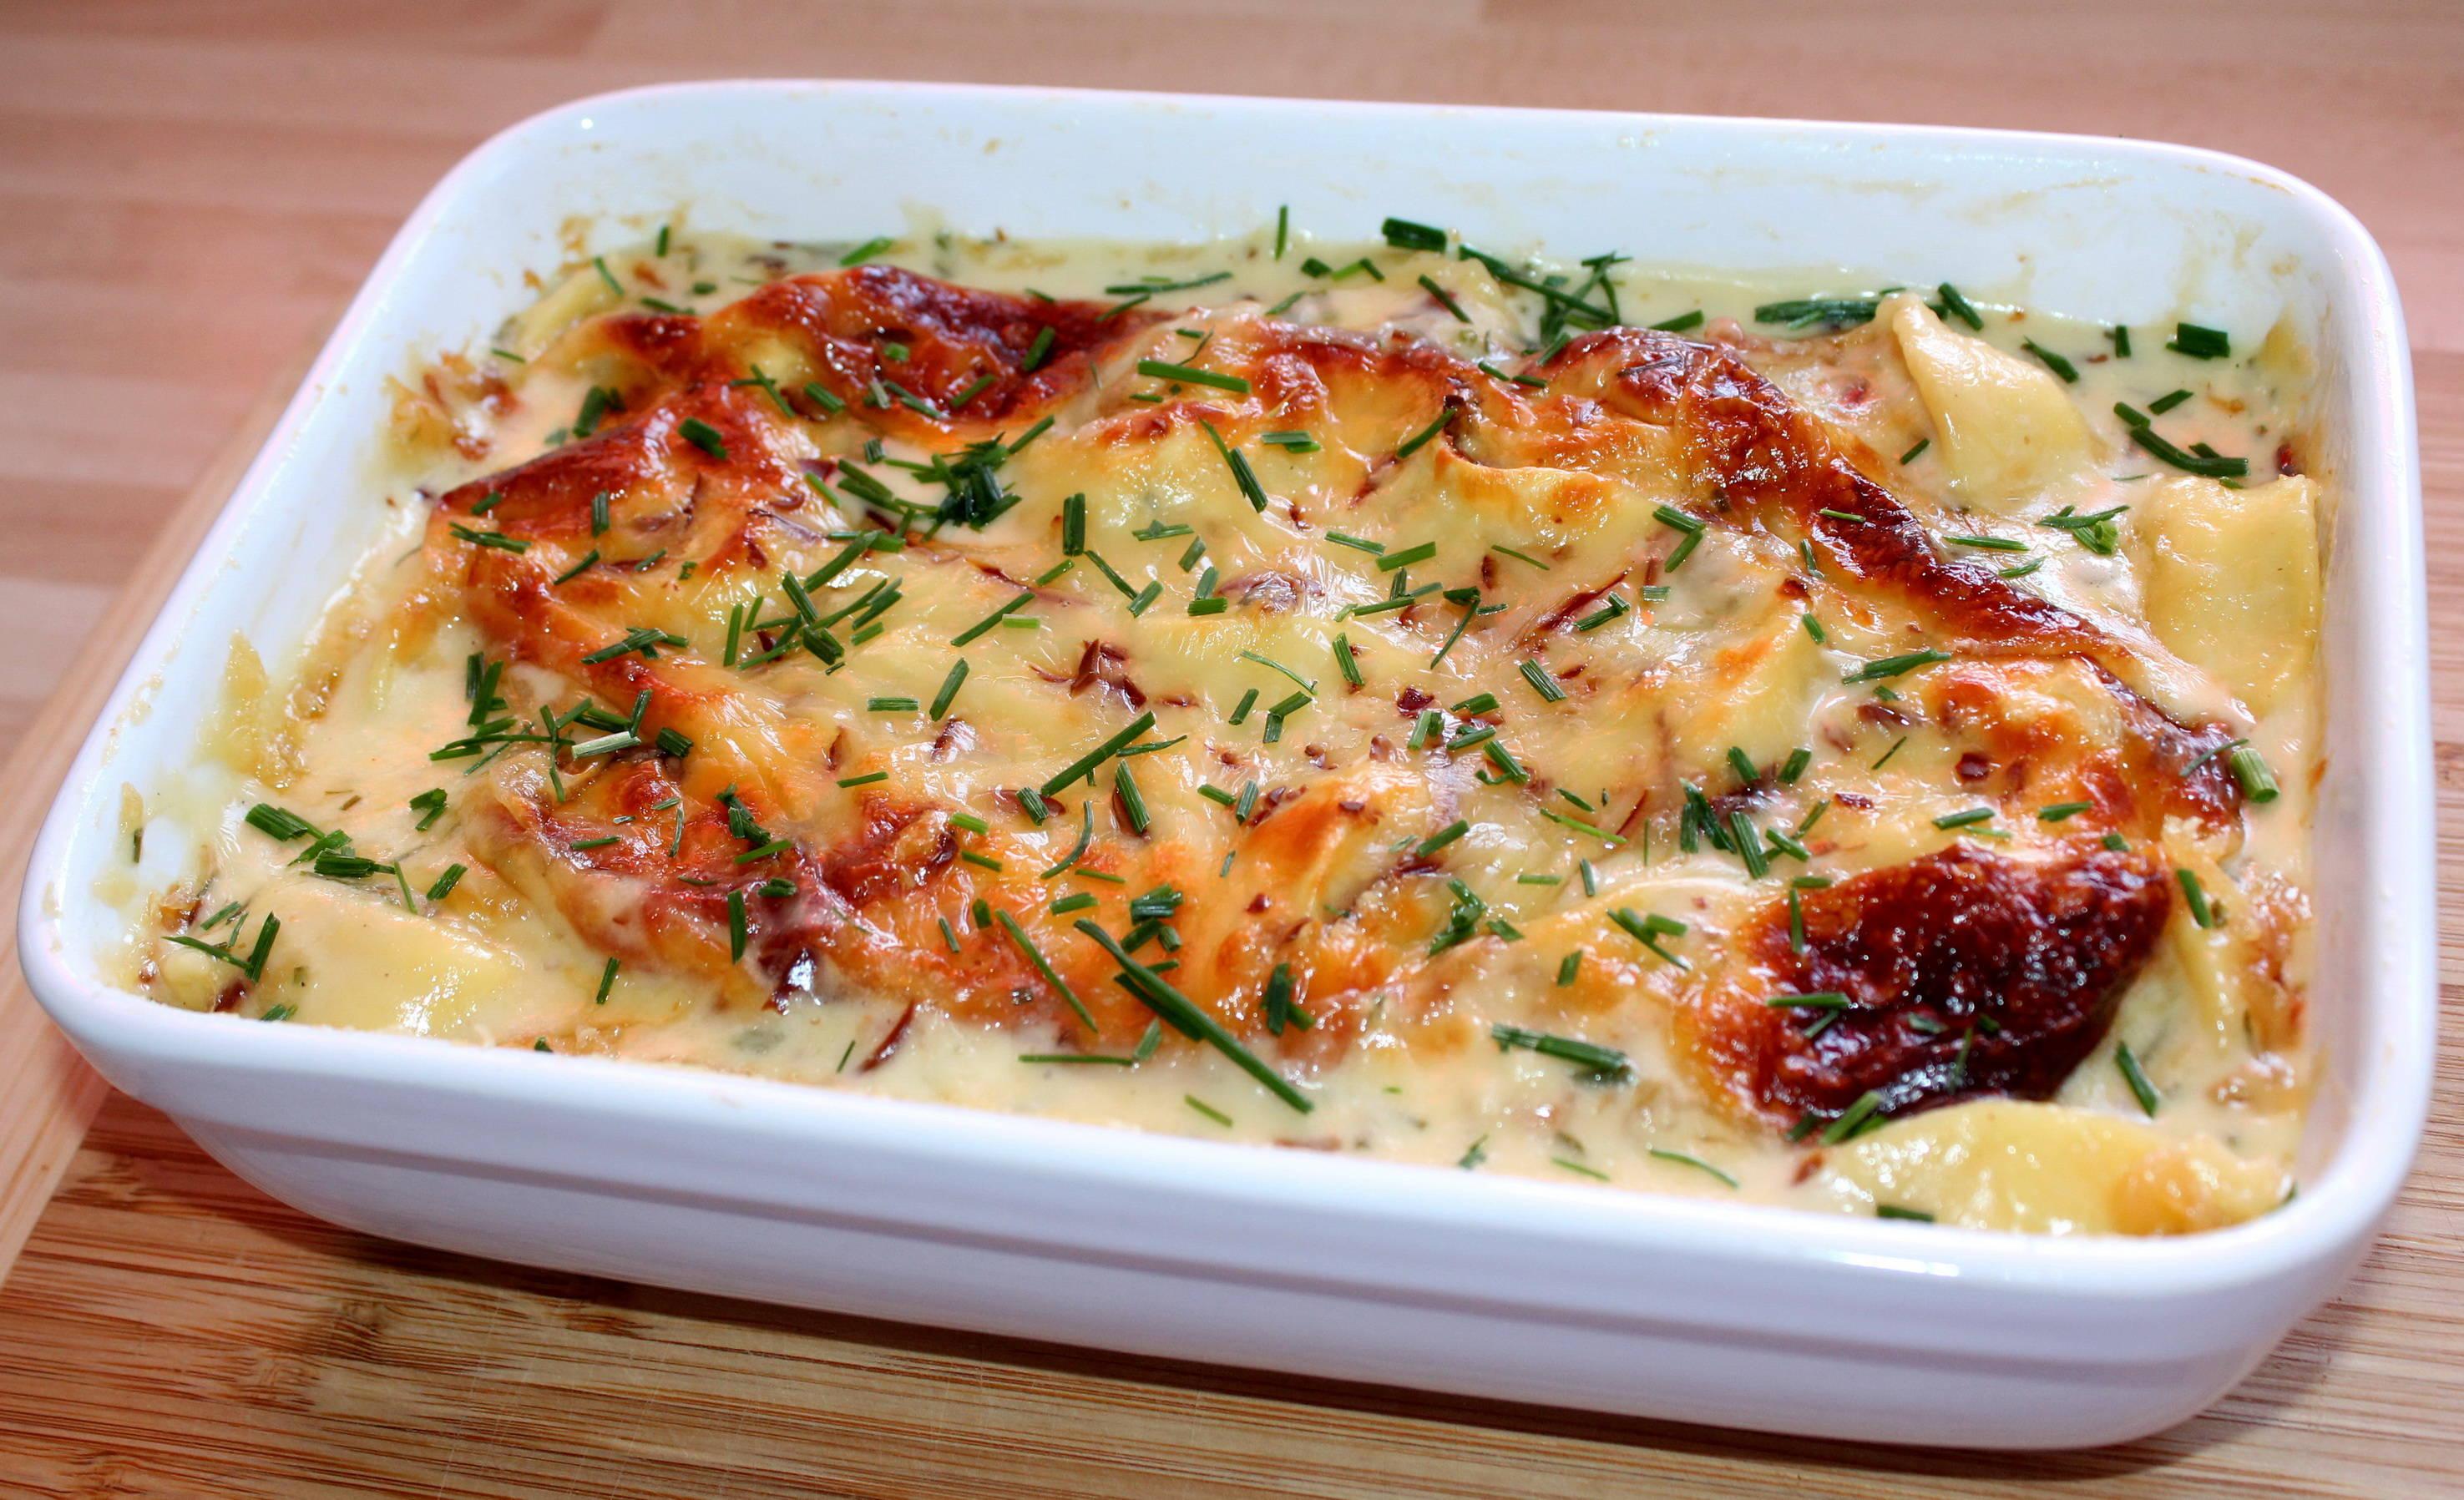 Sajtszószban sült tortellini recept főfotó